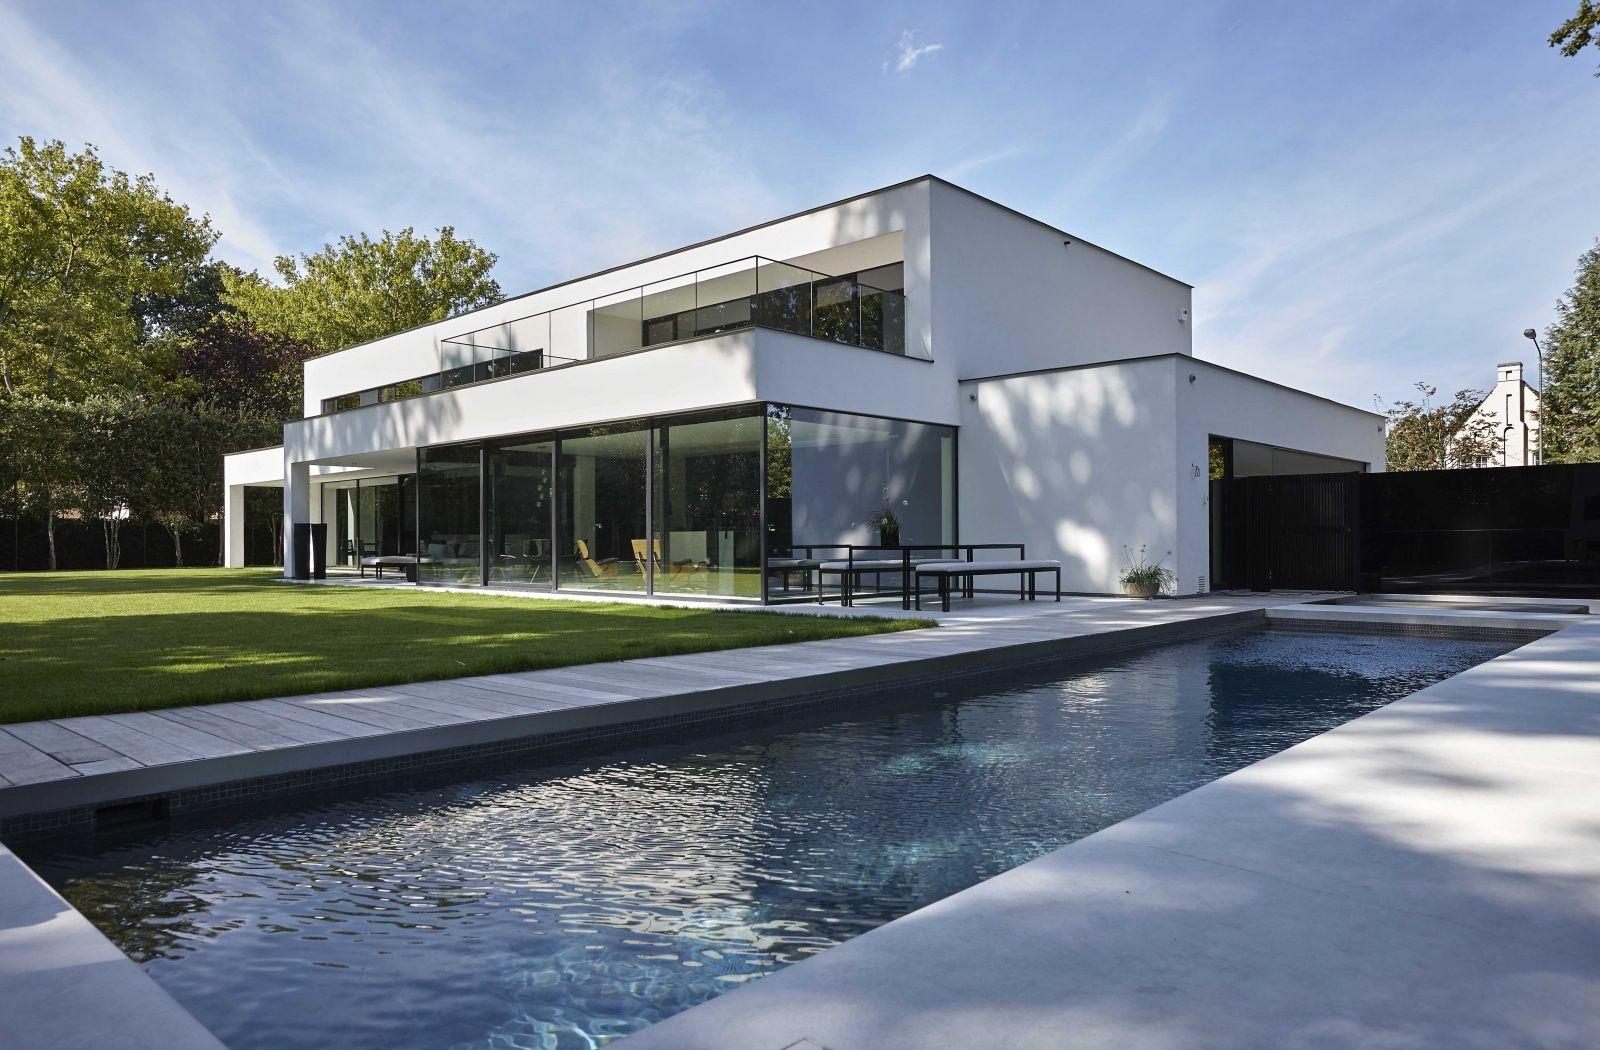 Dumobil villabouw woonprojecten architecture for Minimalistisches haus grundriss